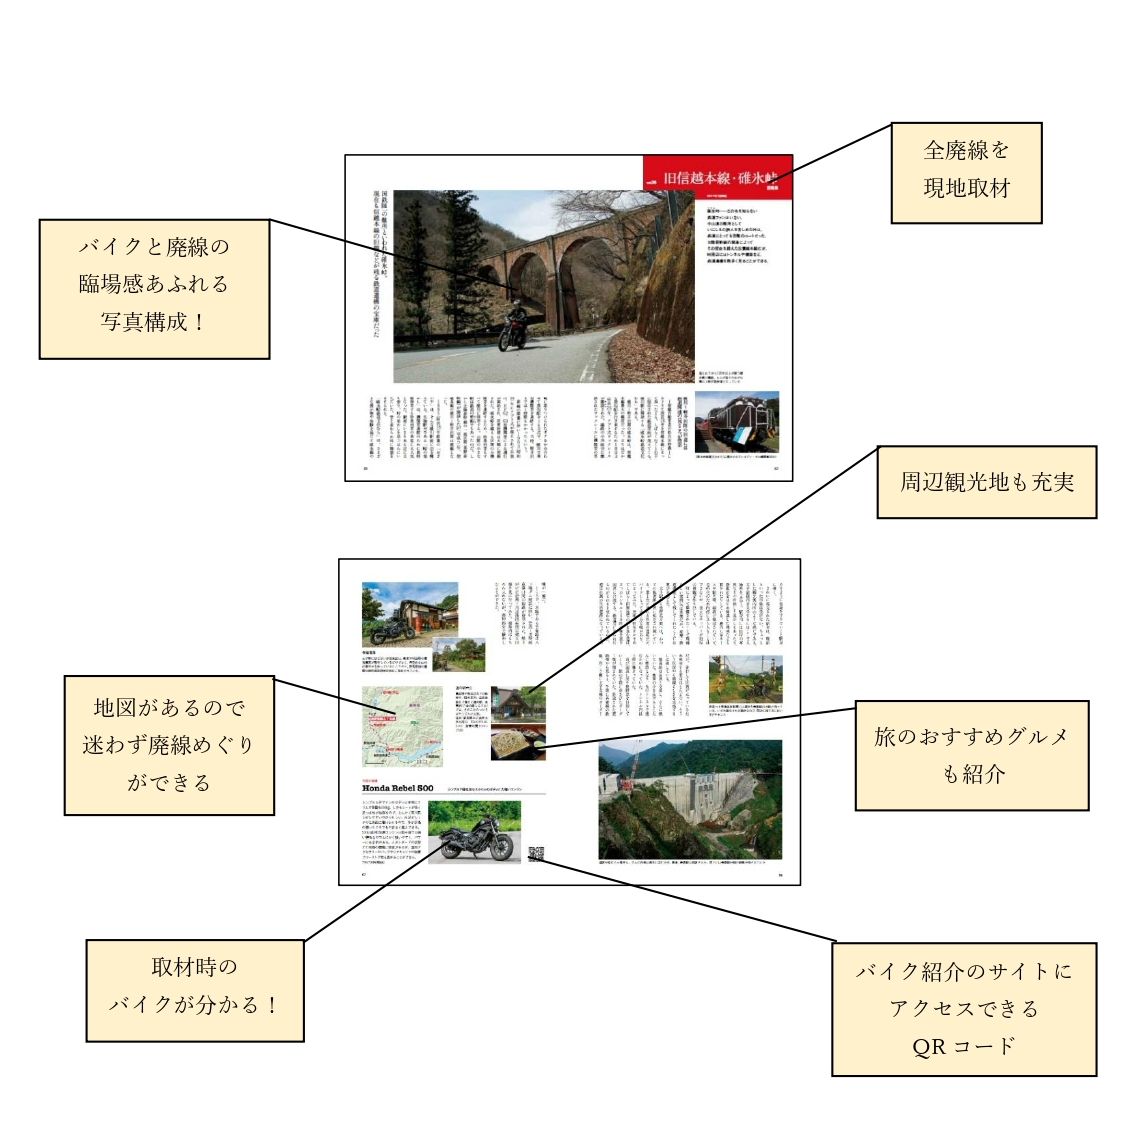 f:id:mojiru:20200914155252p:plain